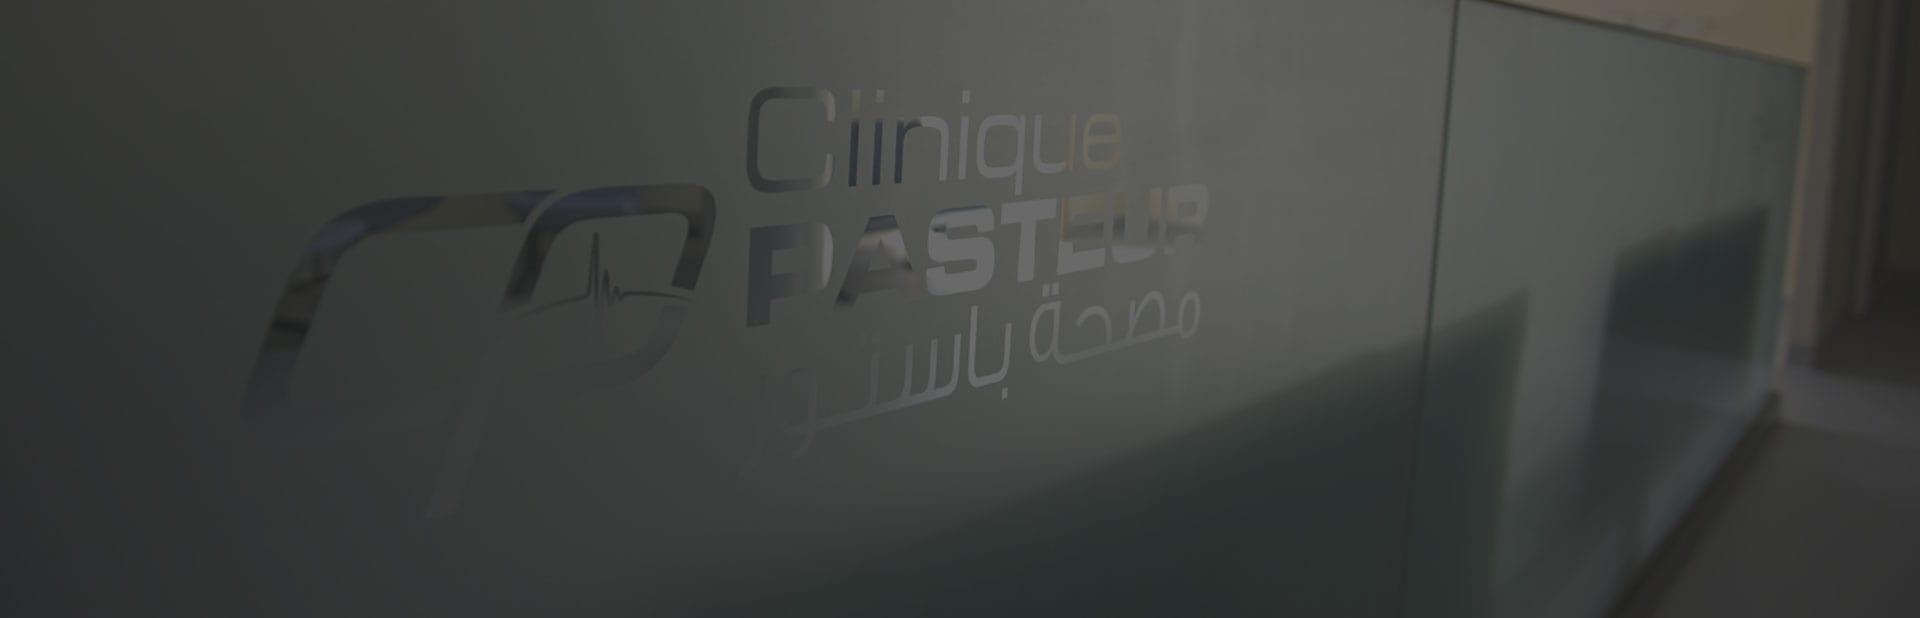 slider-clinique-pasteur